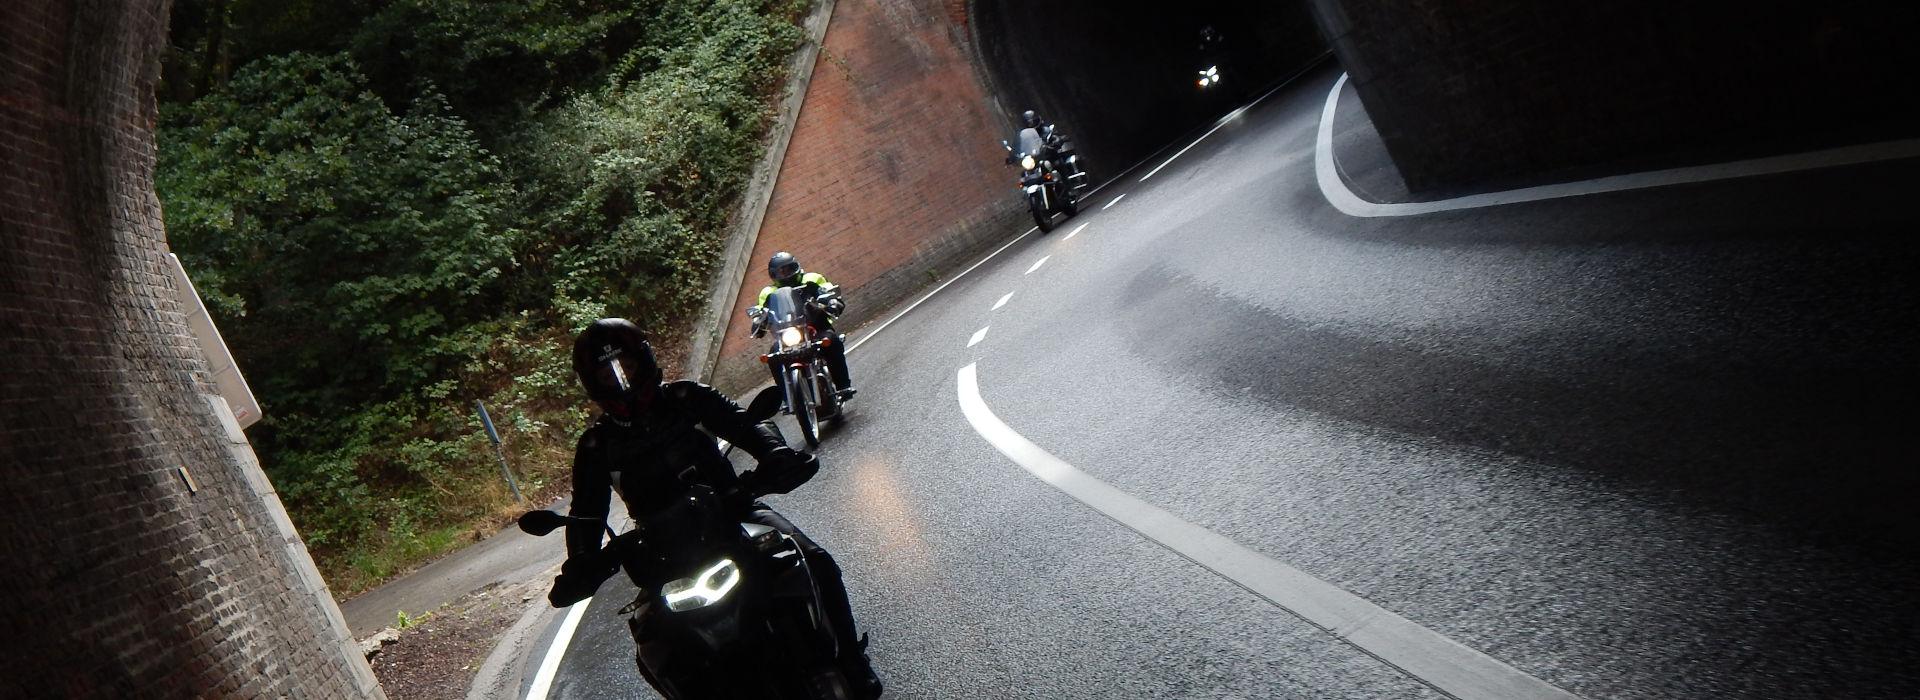 Motorrijbewijspoint Kamperland snel motorrijbewijs halen